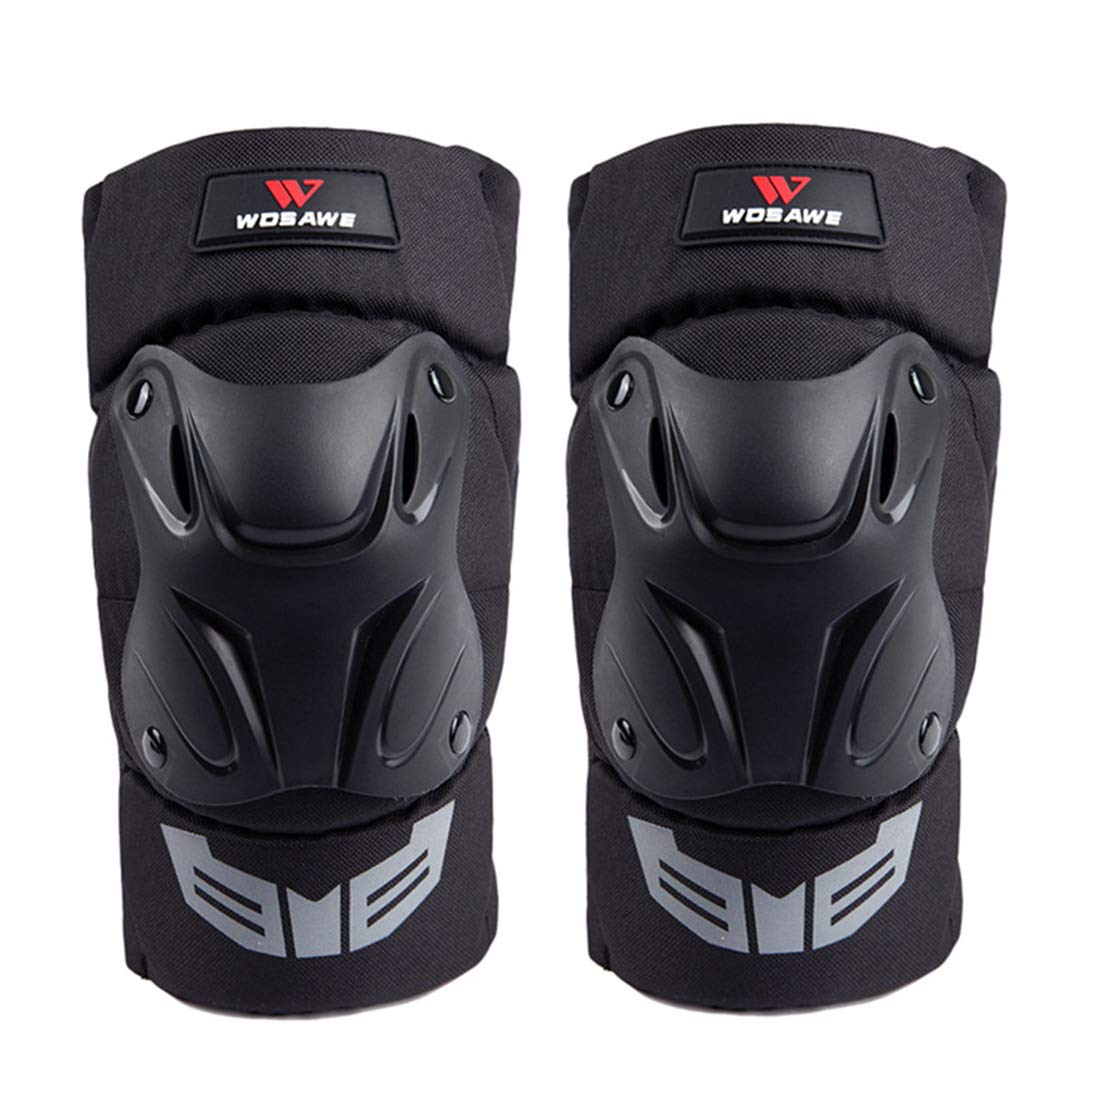 Cvthfyk Sport Schutzausrüstung Motorrad Knieschützer Erwachsene Atmungsaktiv Einstellbar Aramid Fiber Motocross MTB Schienbeinschoner Für Reiten Radfahren Skating (Farbe : Schwarz)